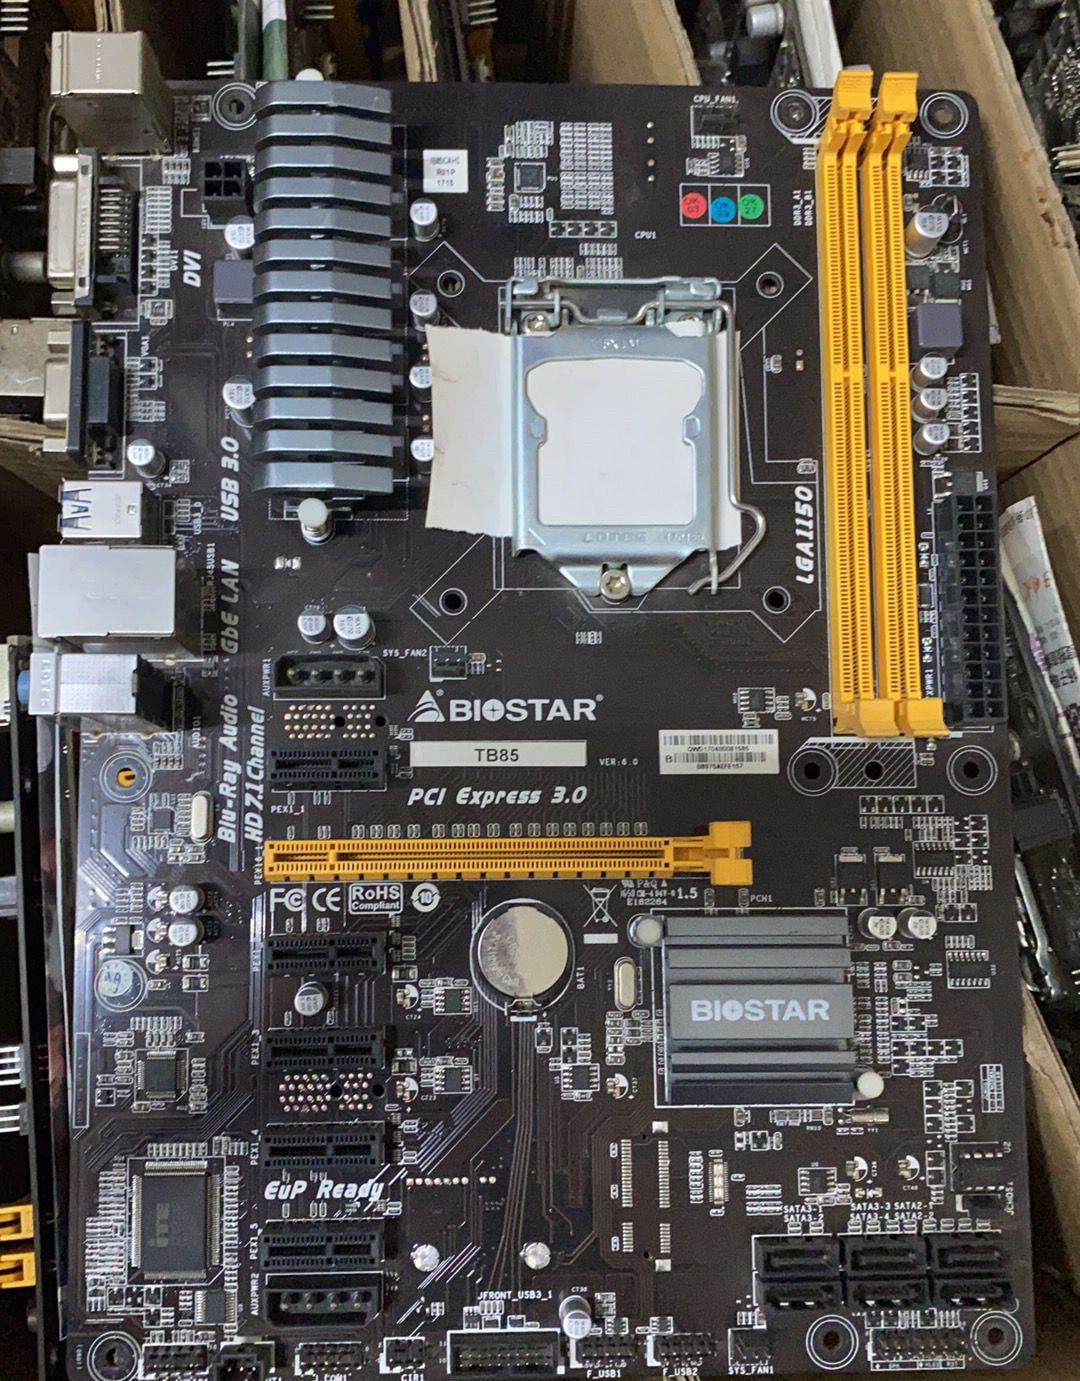 بيوستار TB85 6GPU 6PCI-E المهنية التعدين BTC الموالية تستخدم سطح اللوحة B85 LGA 1150 DDR3 16GB SATA3 USB2.0 USB3.0